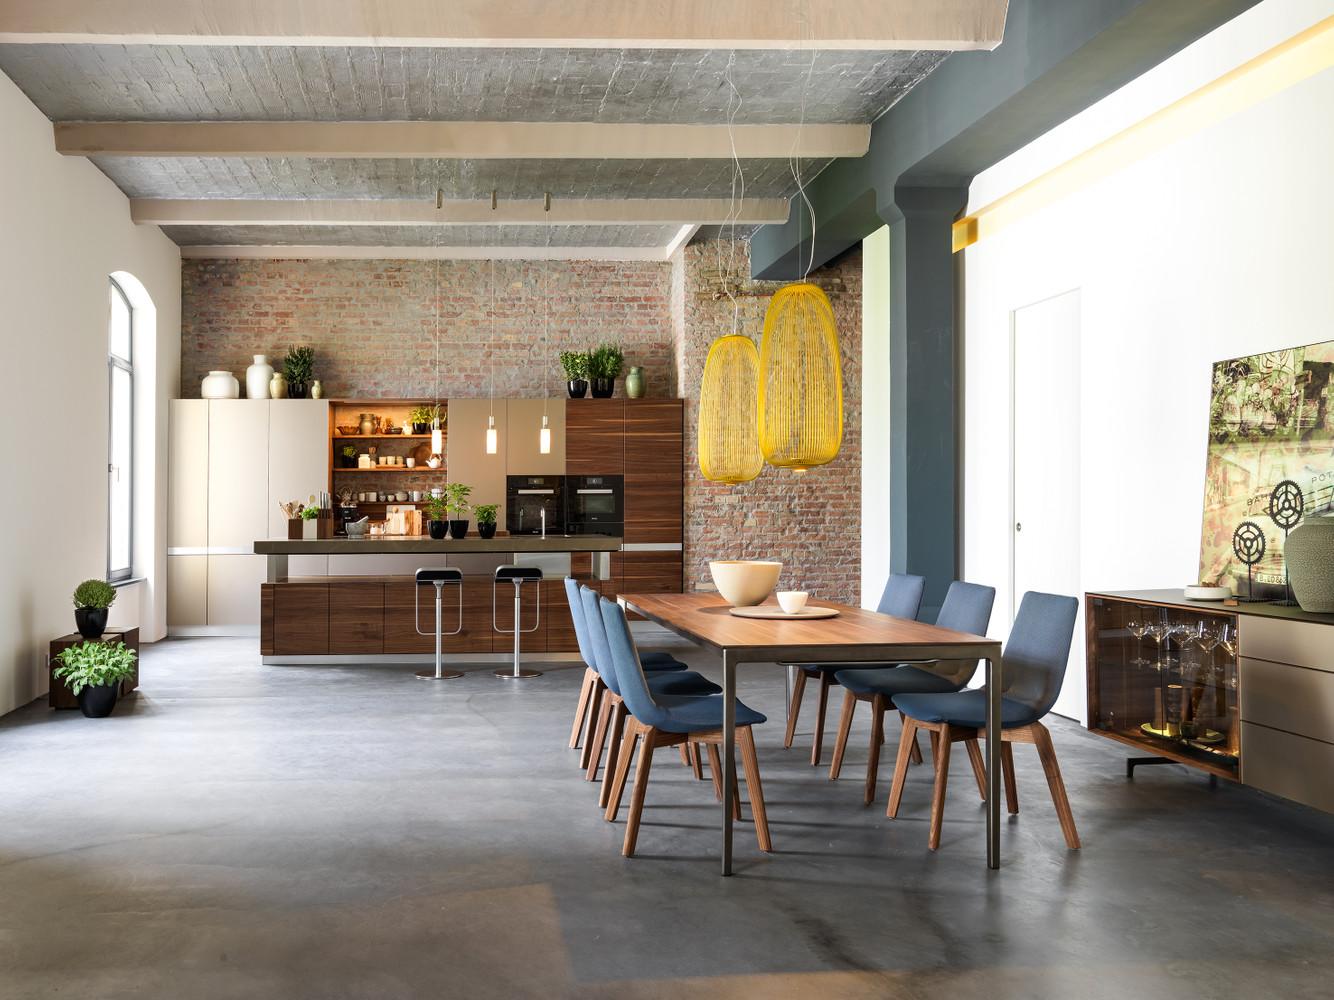 Raumdesign Planungspaket Plus Inkl Aufmass Wohnen Essen Küche